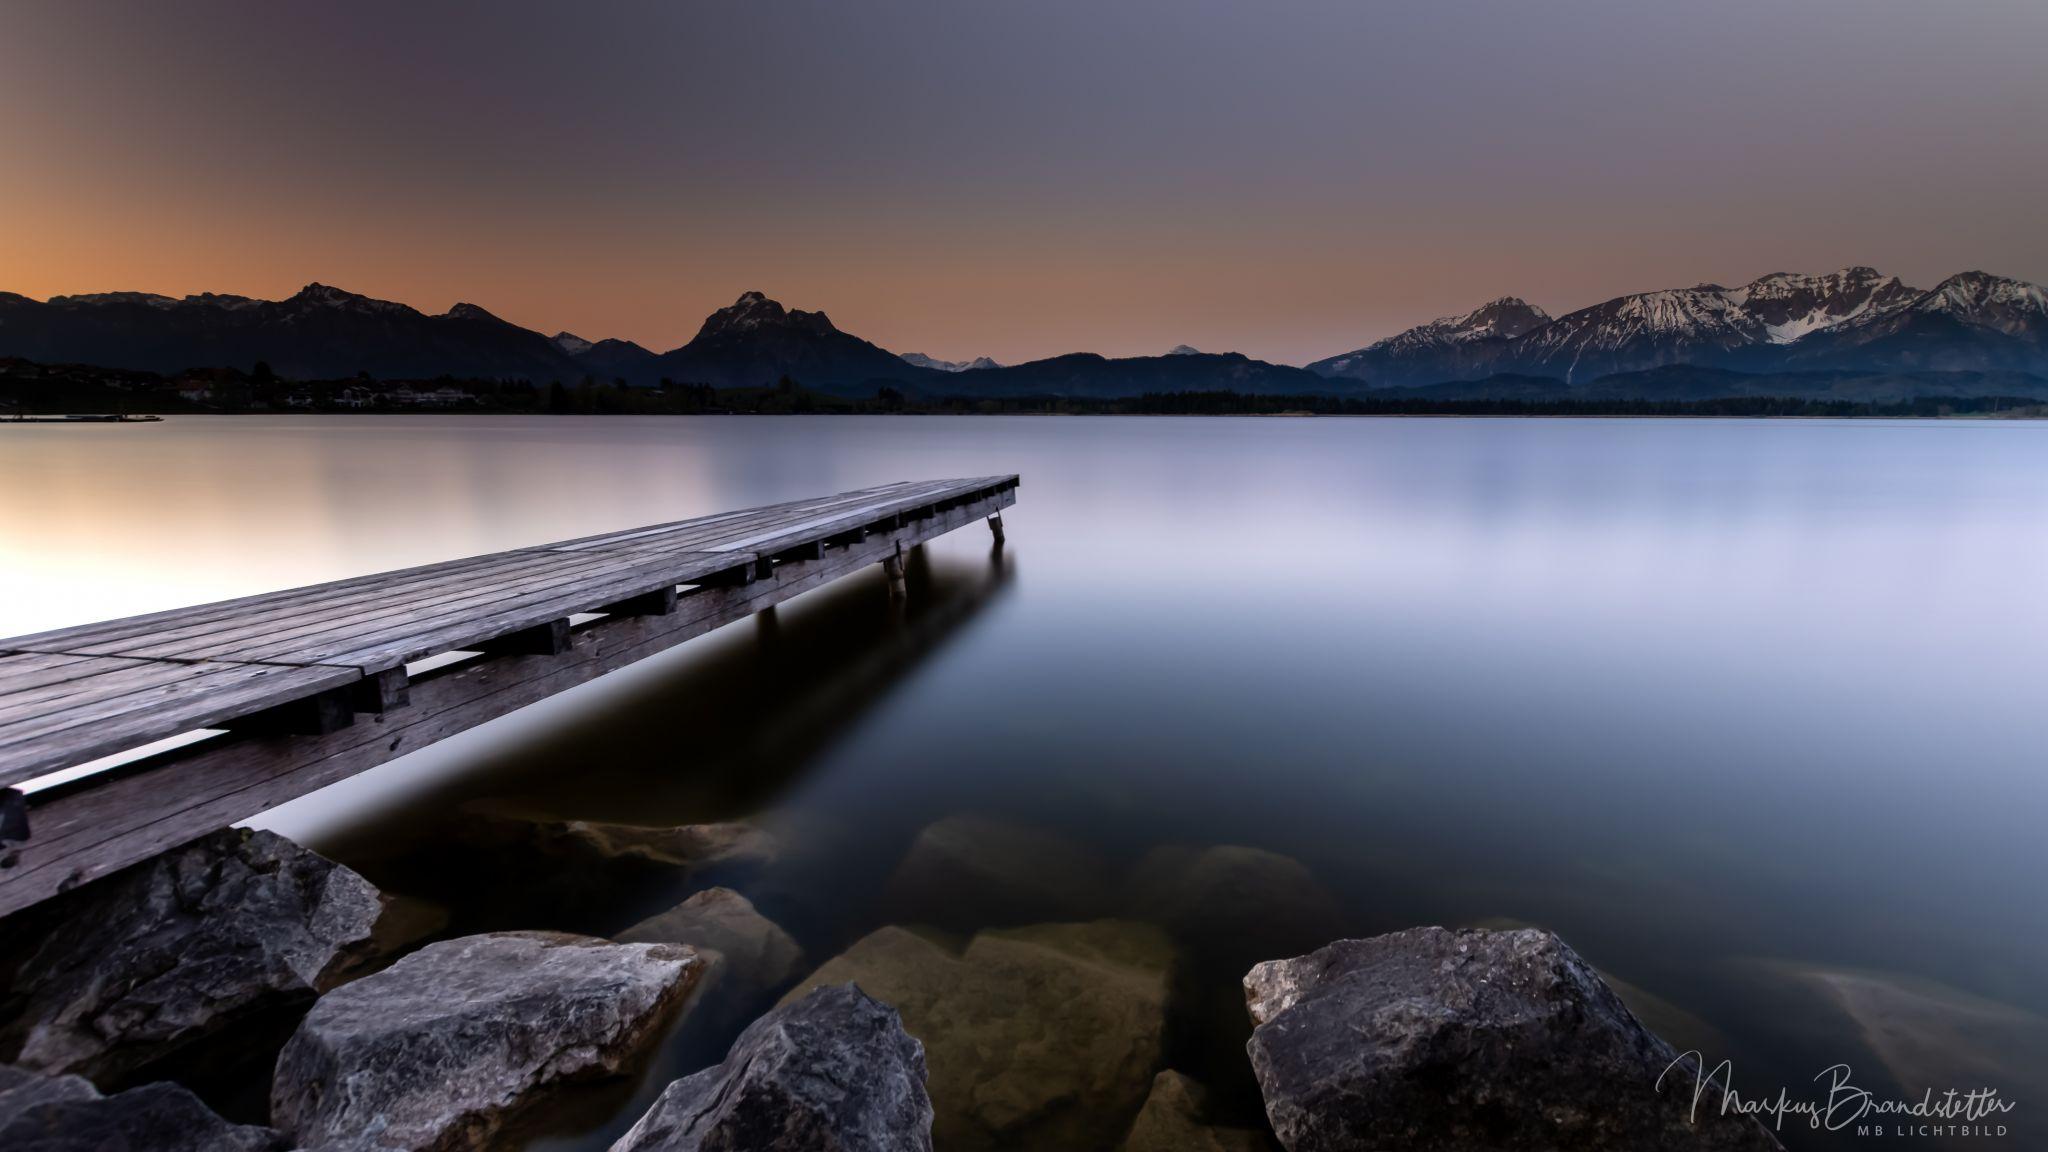 Lake 'Hopfensee', Germany